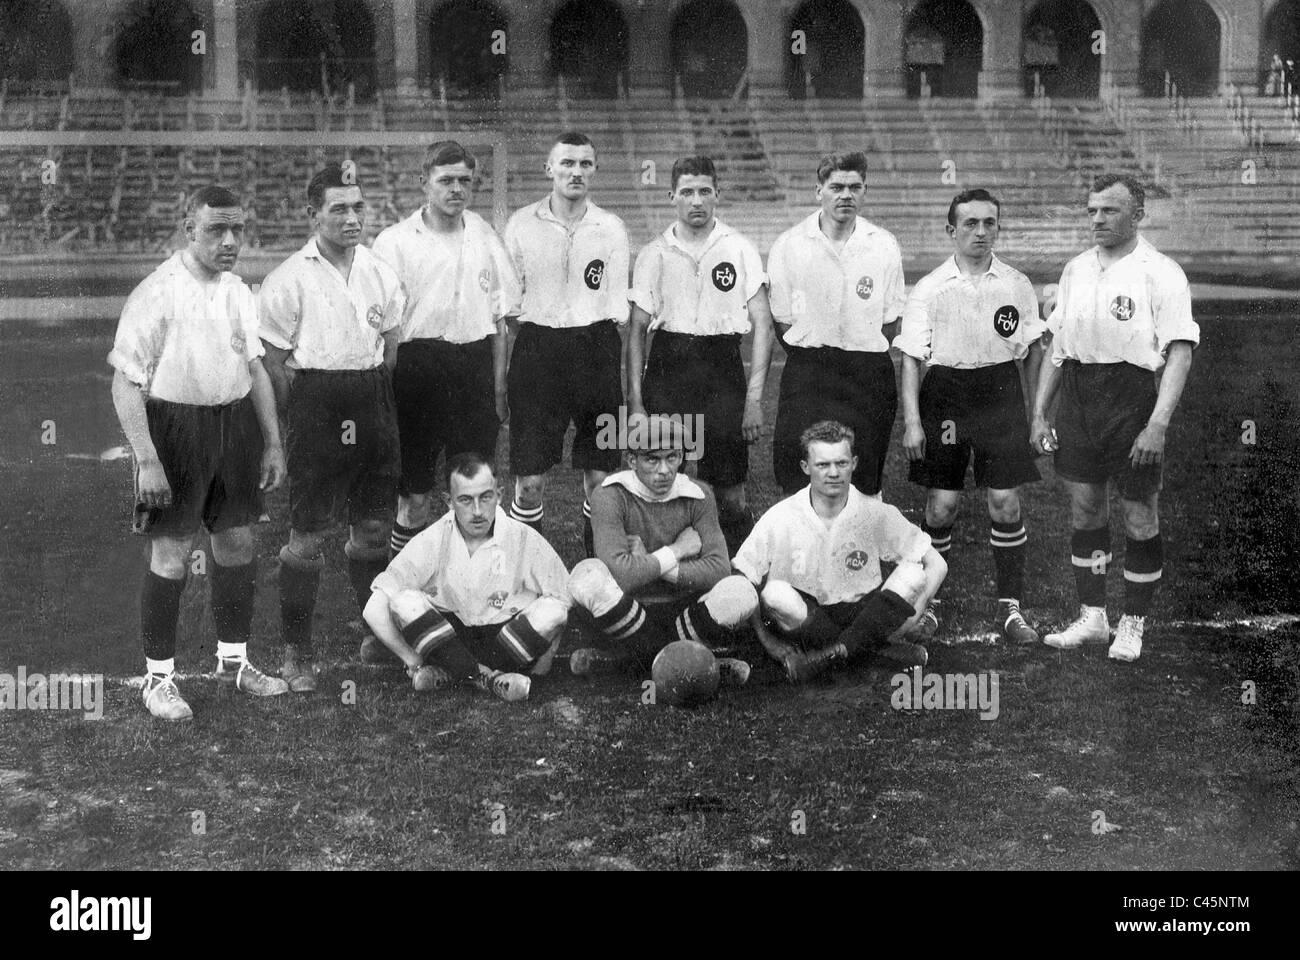 Team des 1. FC. Nürnberg, 1919 Stockbild